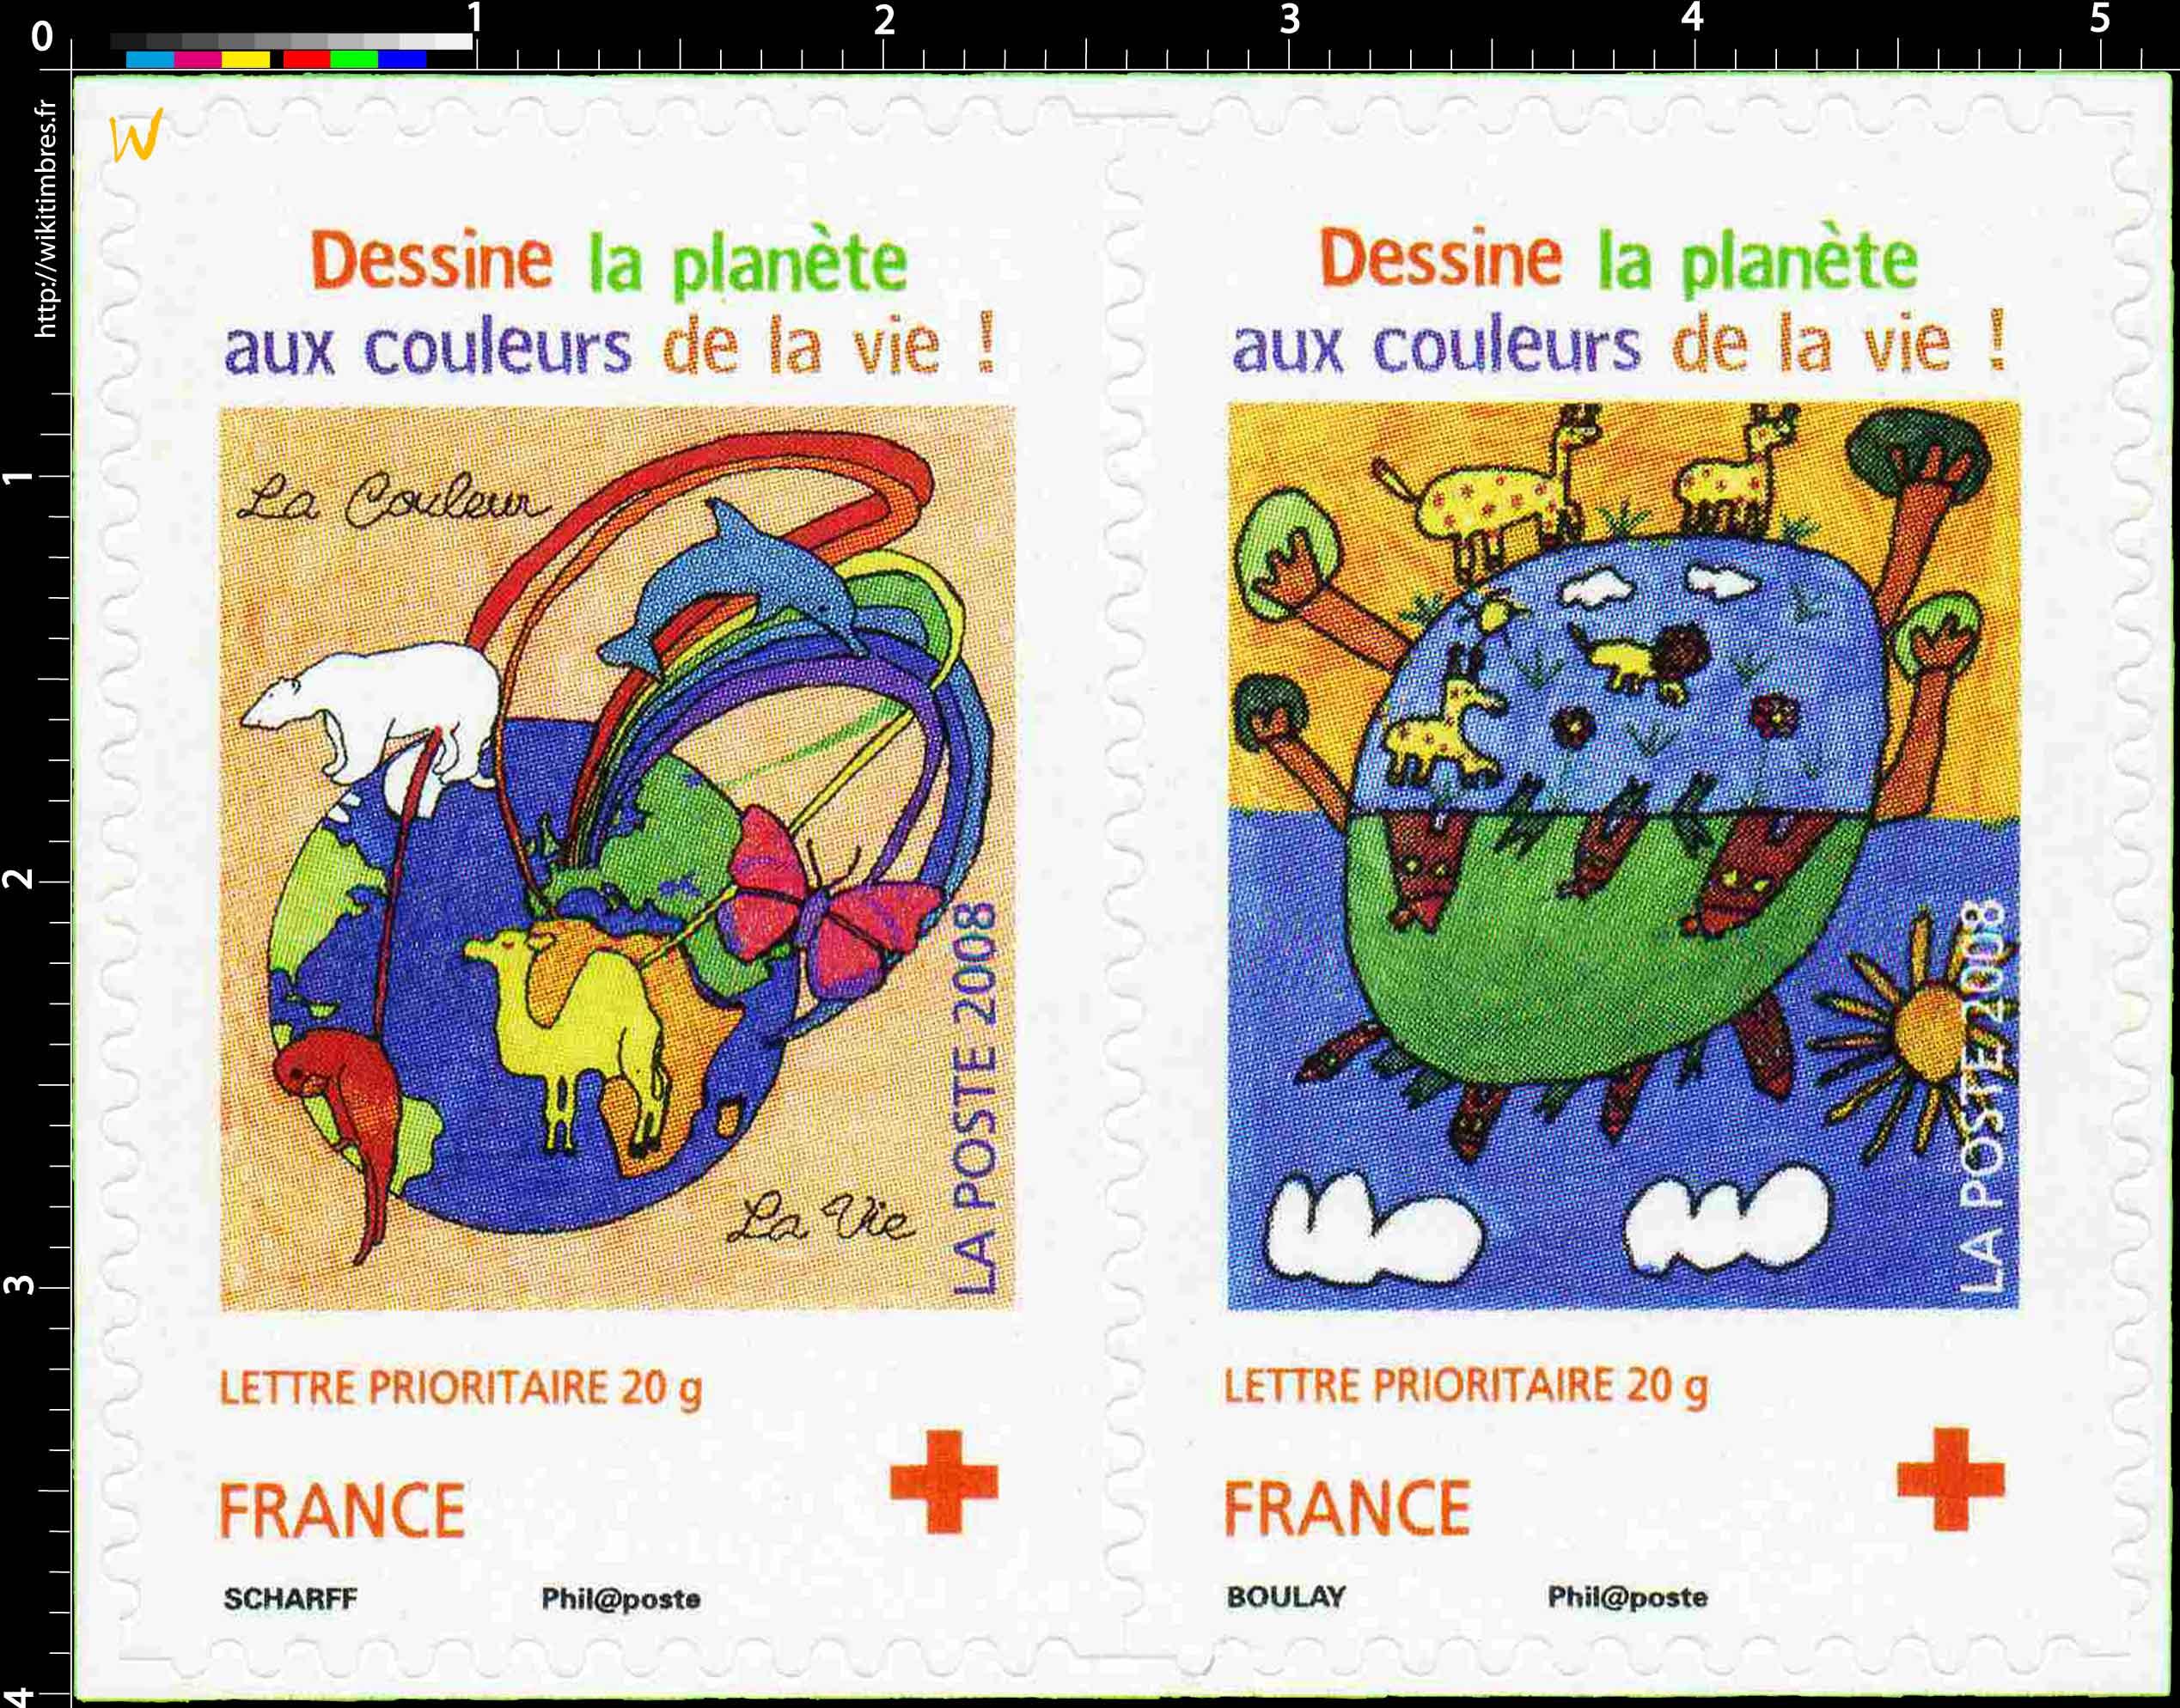 2008 Dessine la planète aux couleurs de la vie !